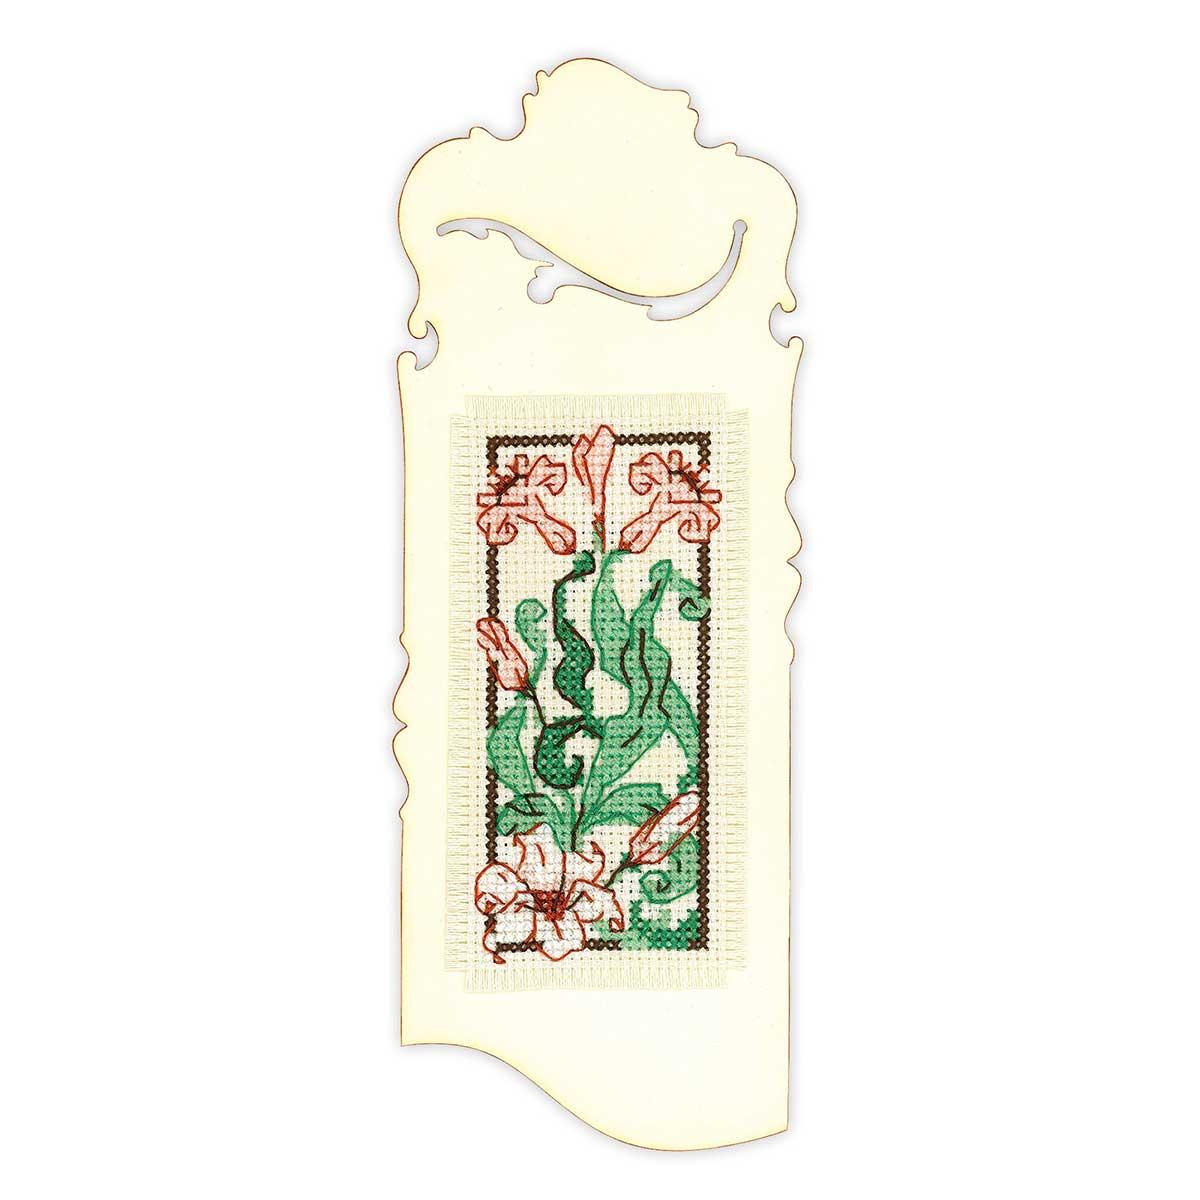 1613АС Набор для вышивания Риолис Бискорню 'Закладка 'Изящная лилия'' 6*16 см